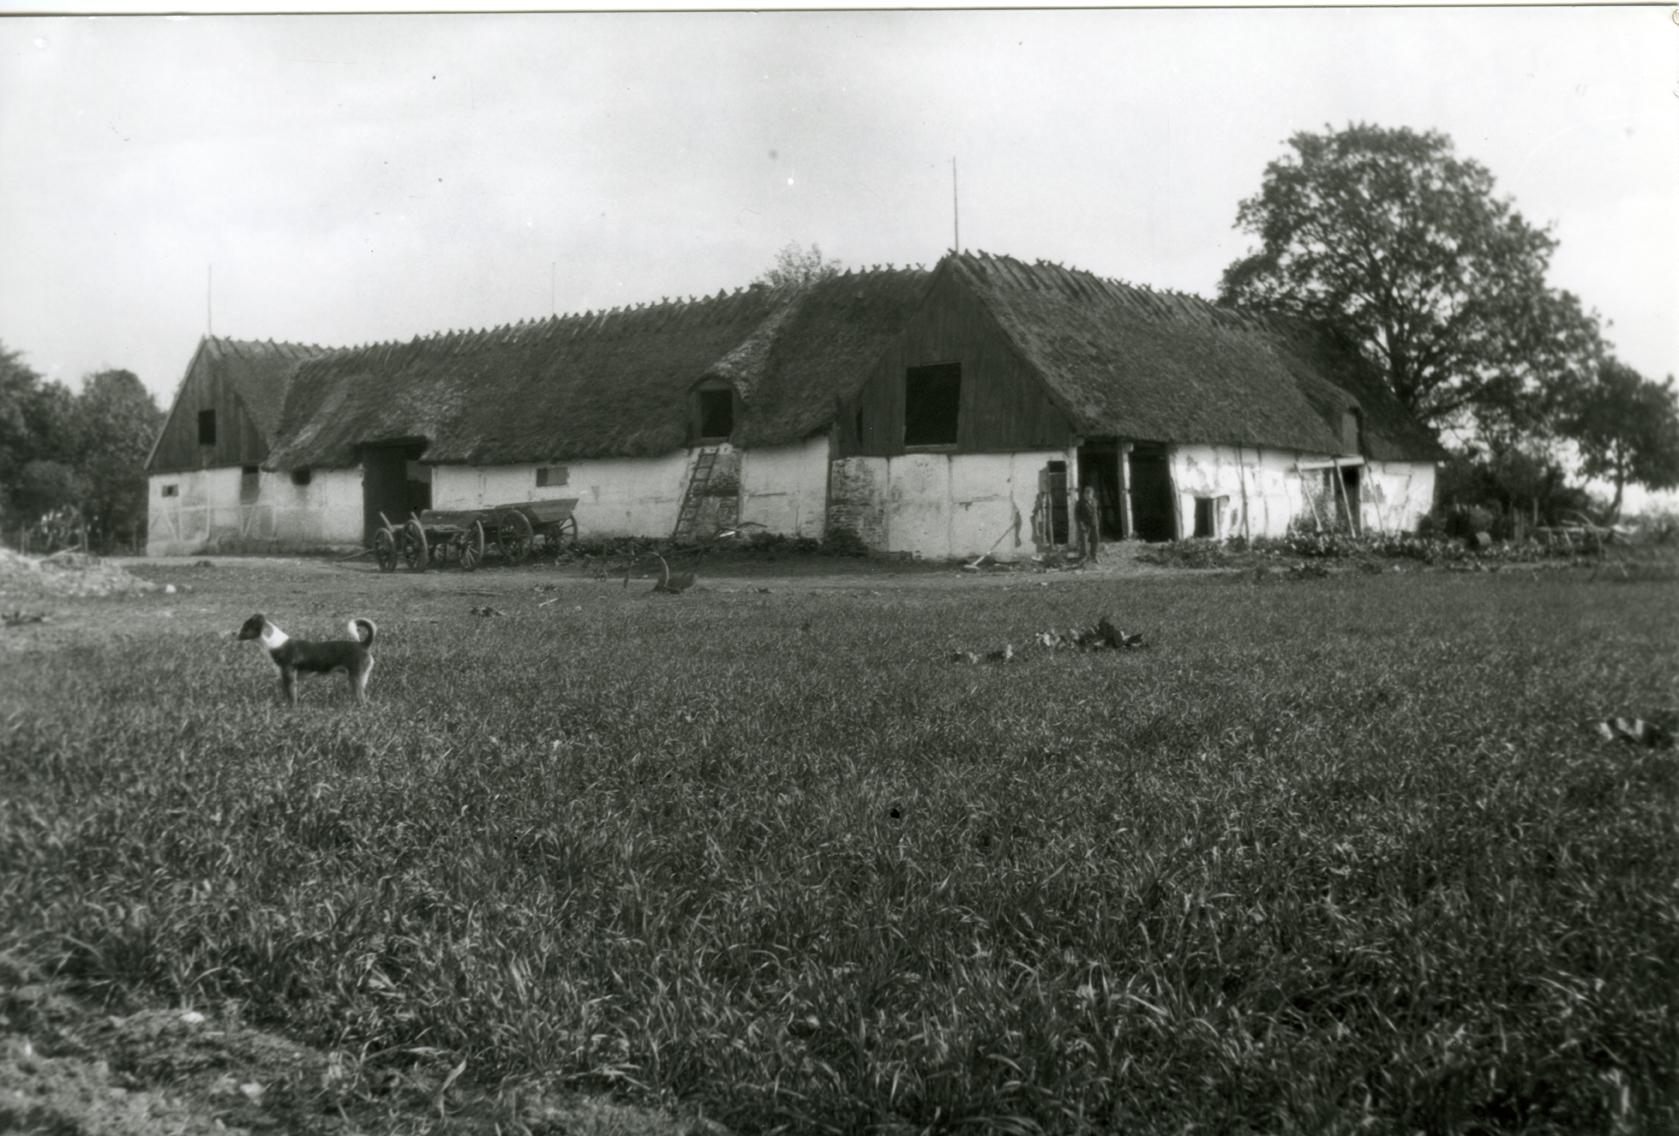 Billede 15 Tjørnholm, Østrupvej 118 - Gården brændte ved den store brand i Ugerløse 1824. Samme år genopførtes den som en firlænget stråtækt gård med indkørsel gennem en stor port. Portlængen blev nedrevet i 1930 og genopbygget samme sted som kostald og kornlade. (kilde G. Christiansen).